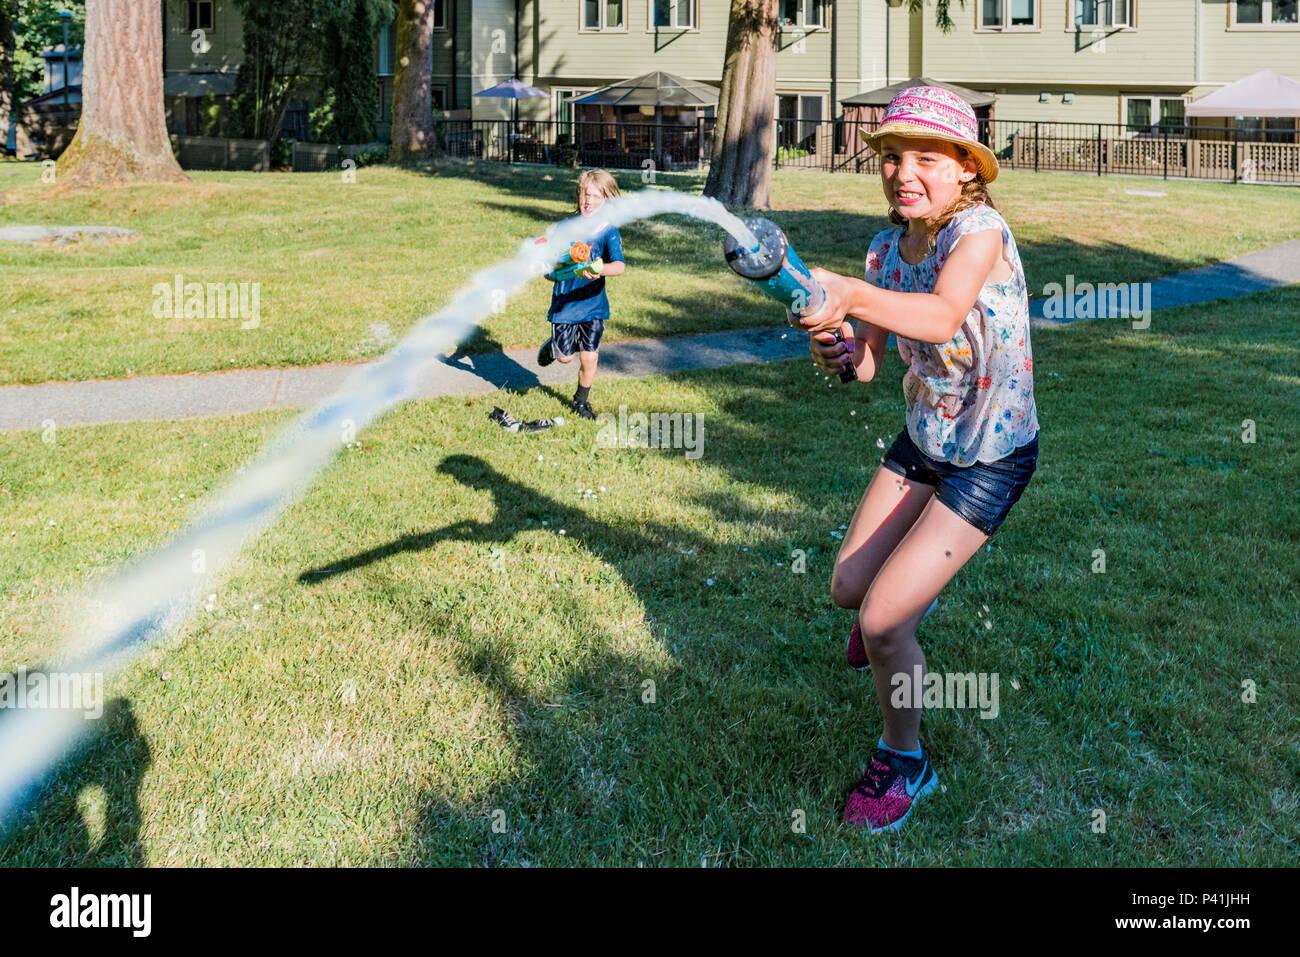 Mantener refrigerado, la diversión en verano. Los niños tienen patio agradable agua lucha. Imagen De Stock